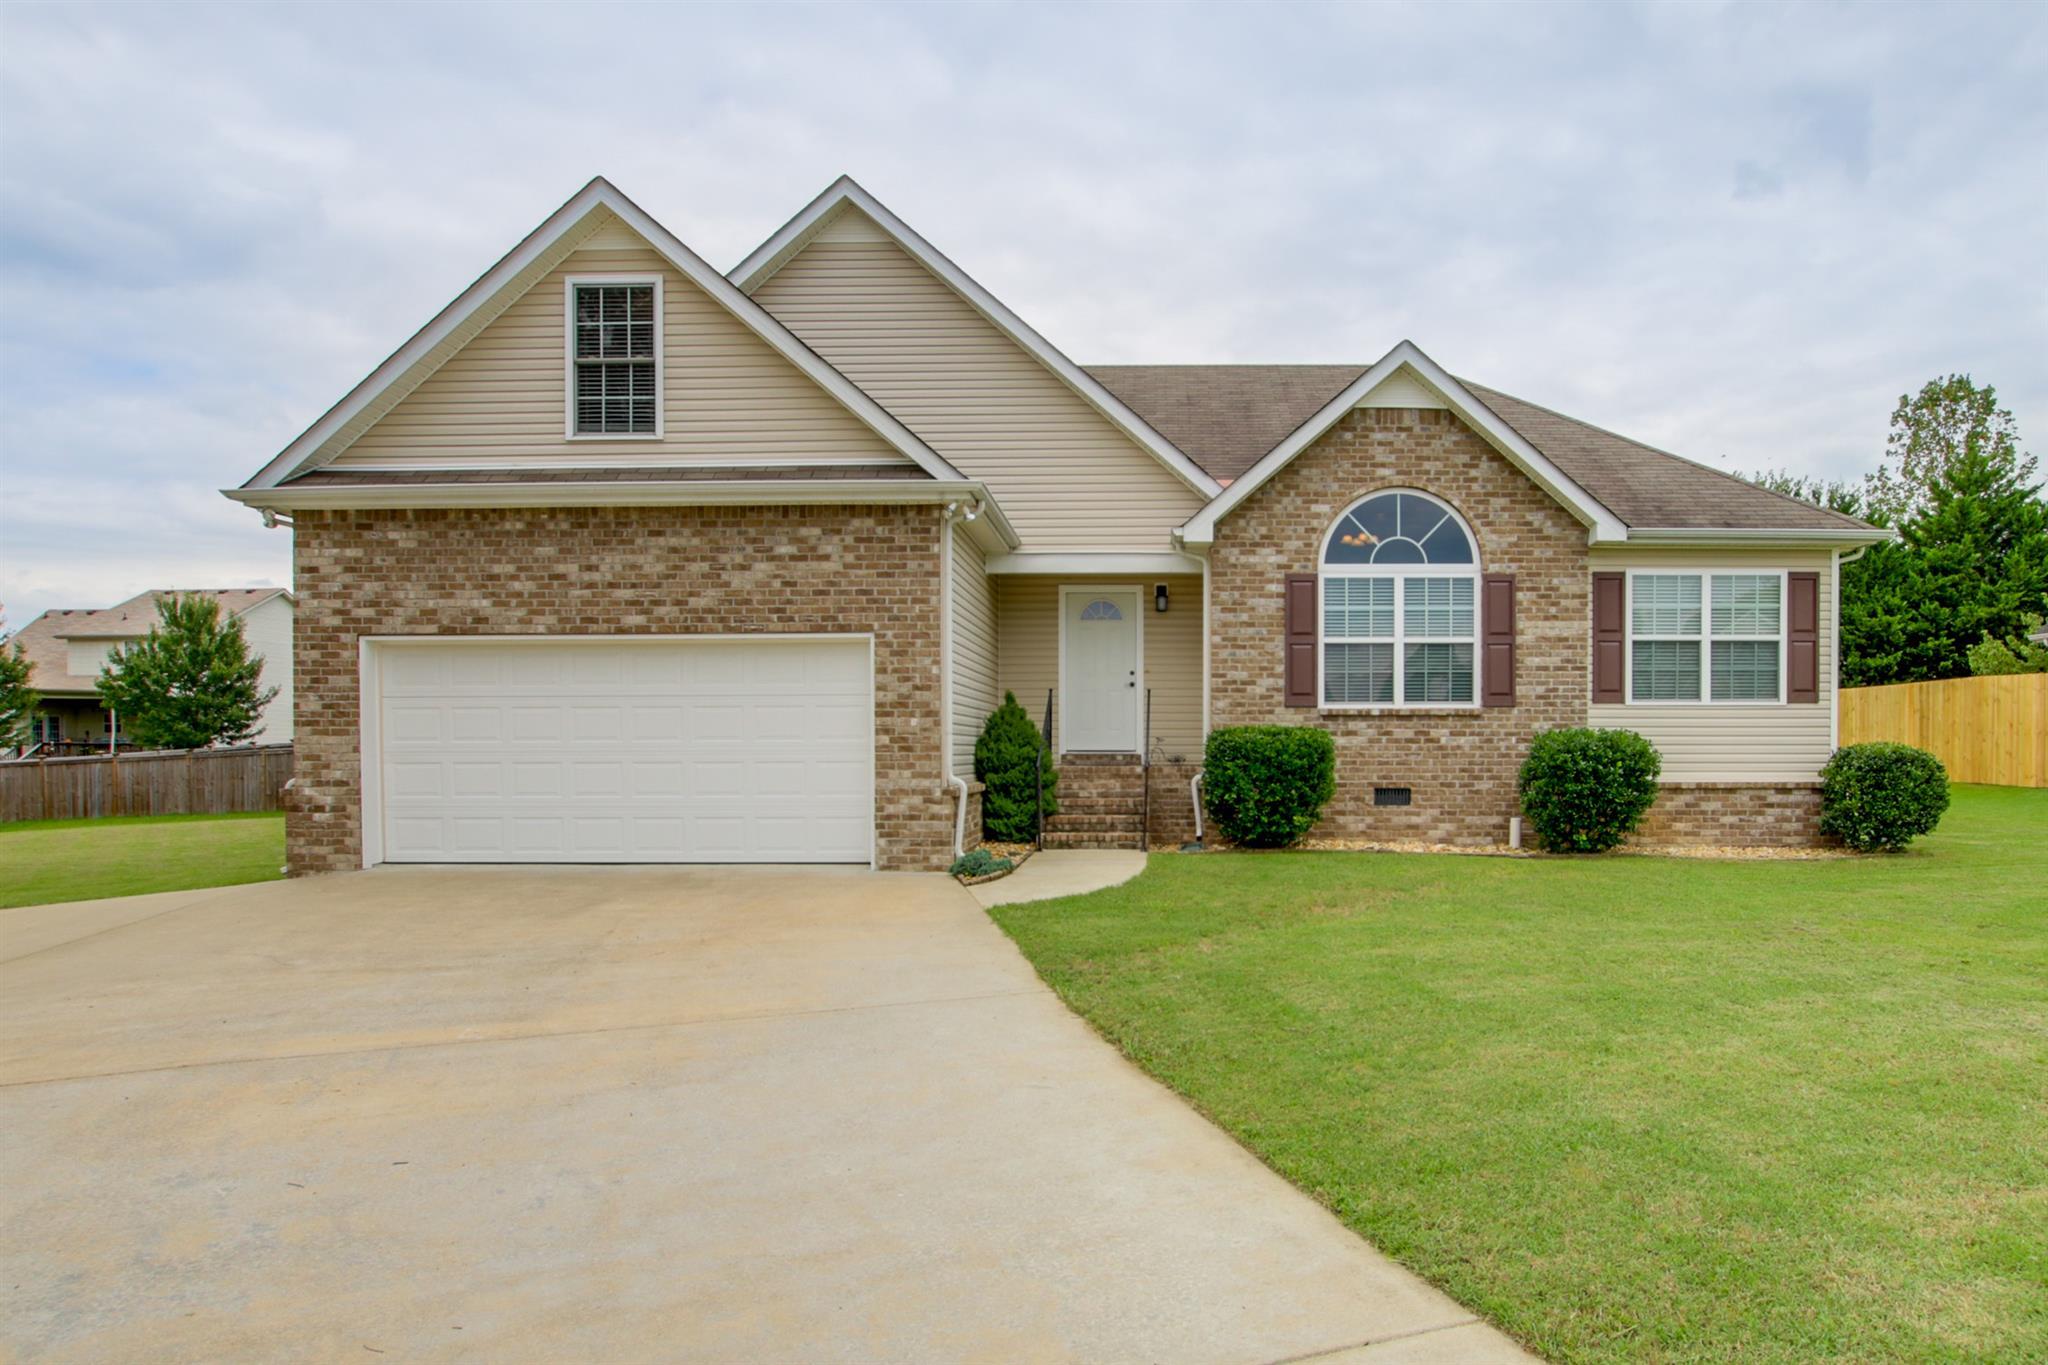 3629 Belvidere Ct, Murfreesboro, TN 37127